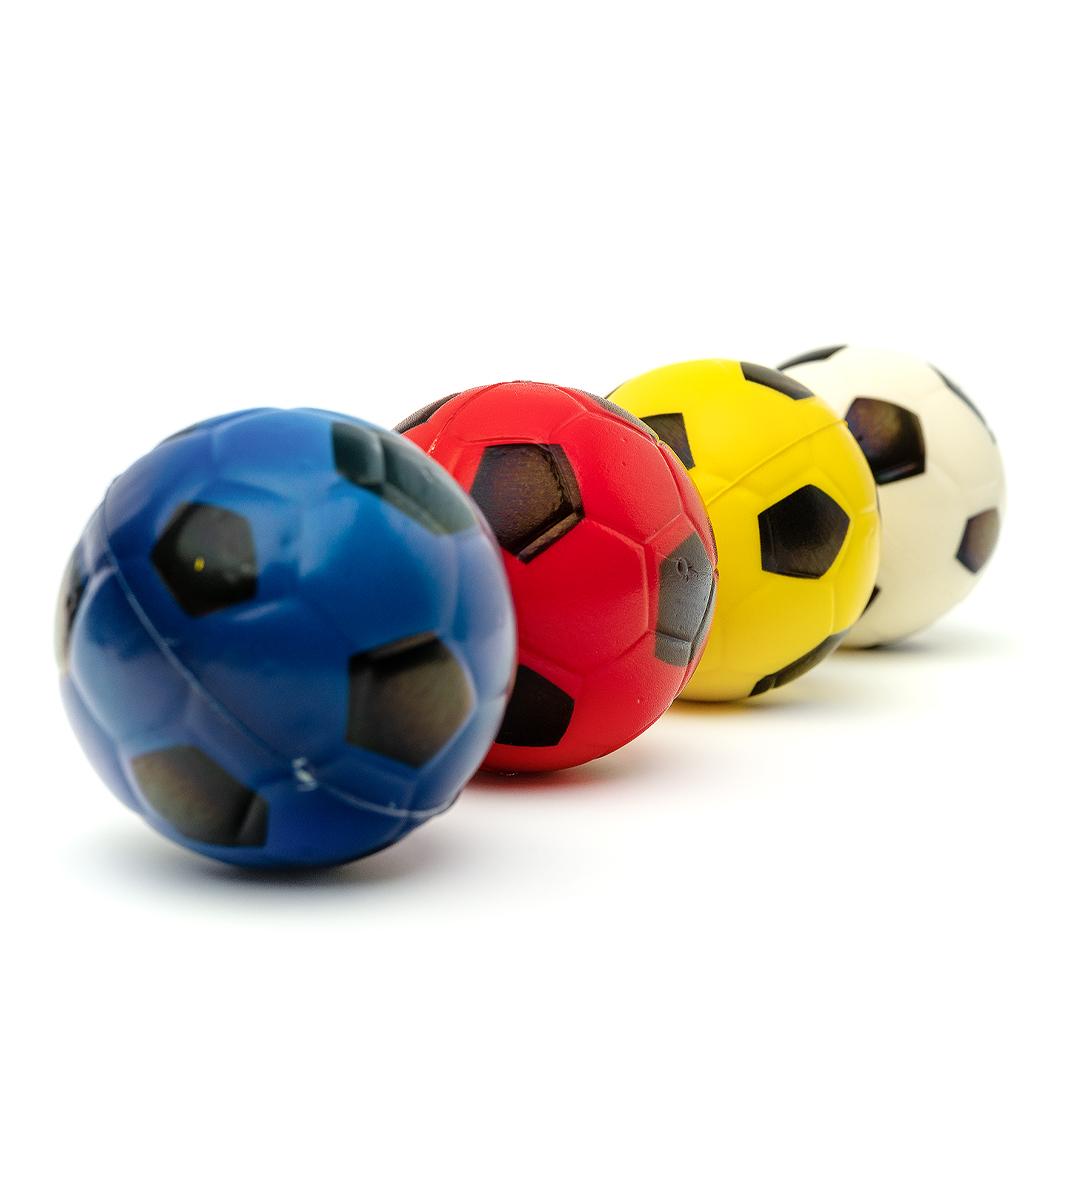 Мячик фомовый микс d-6см 3005-4 с